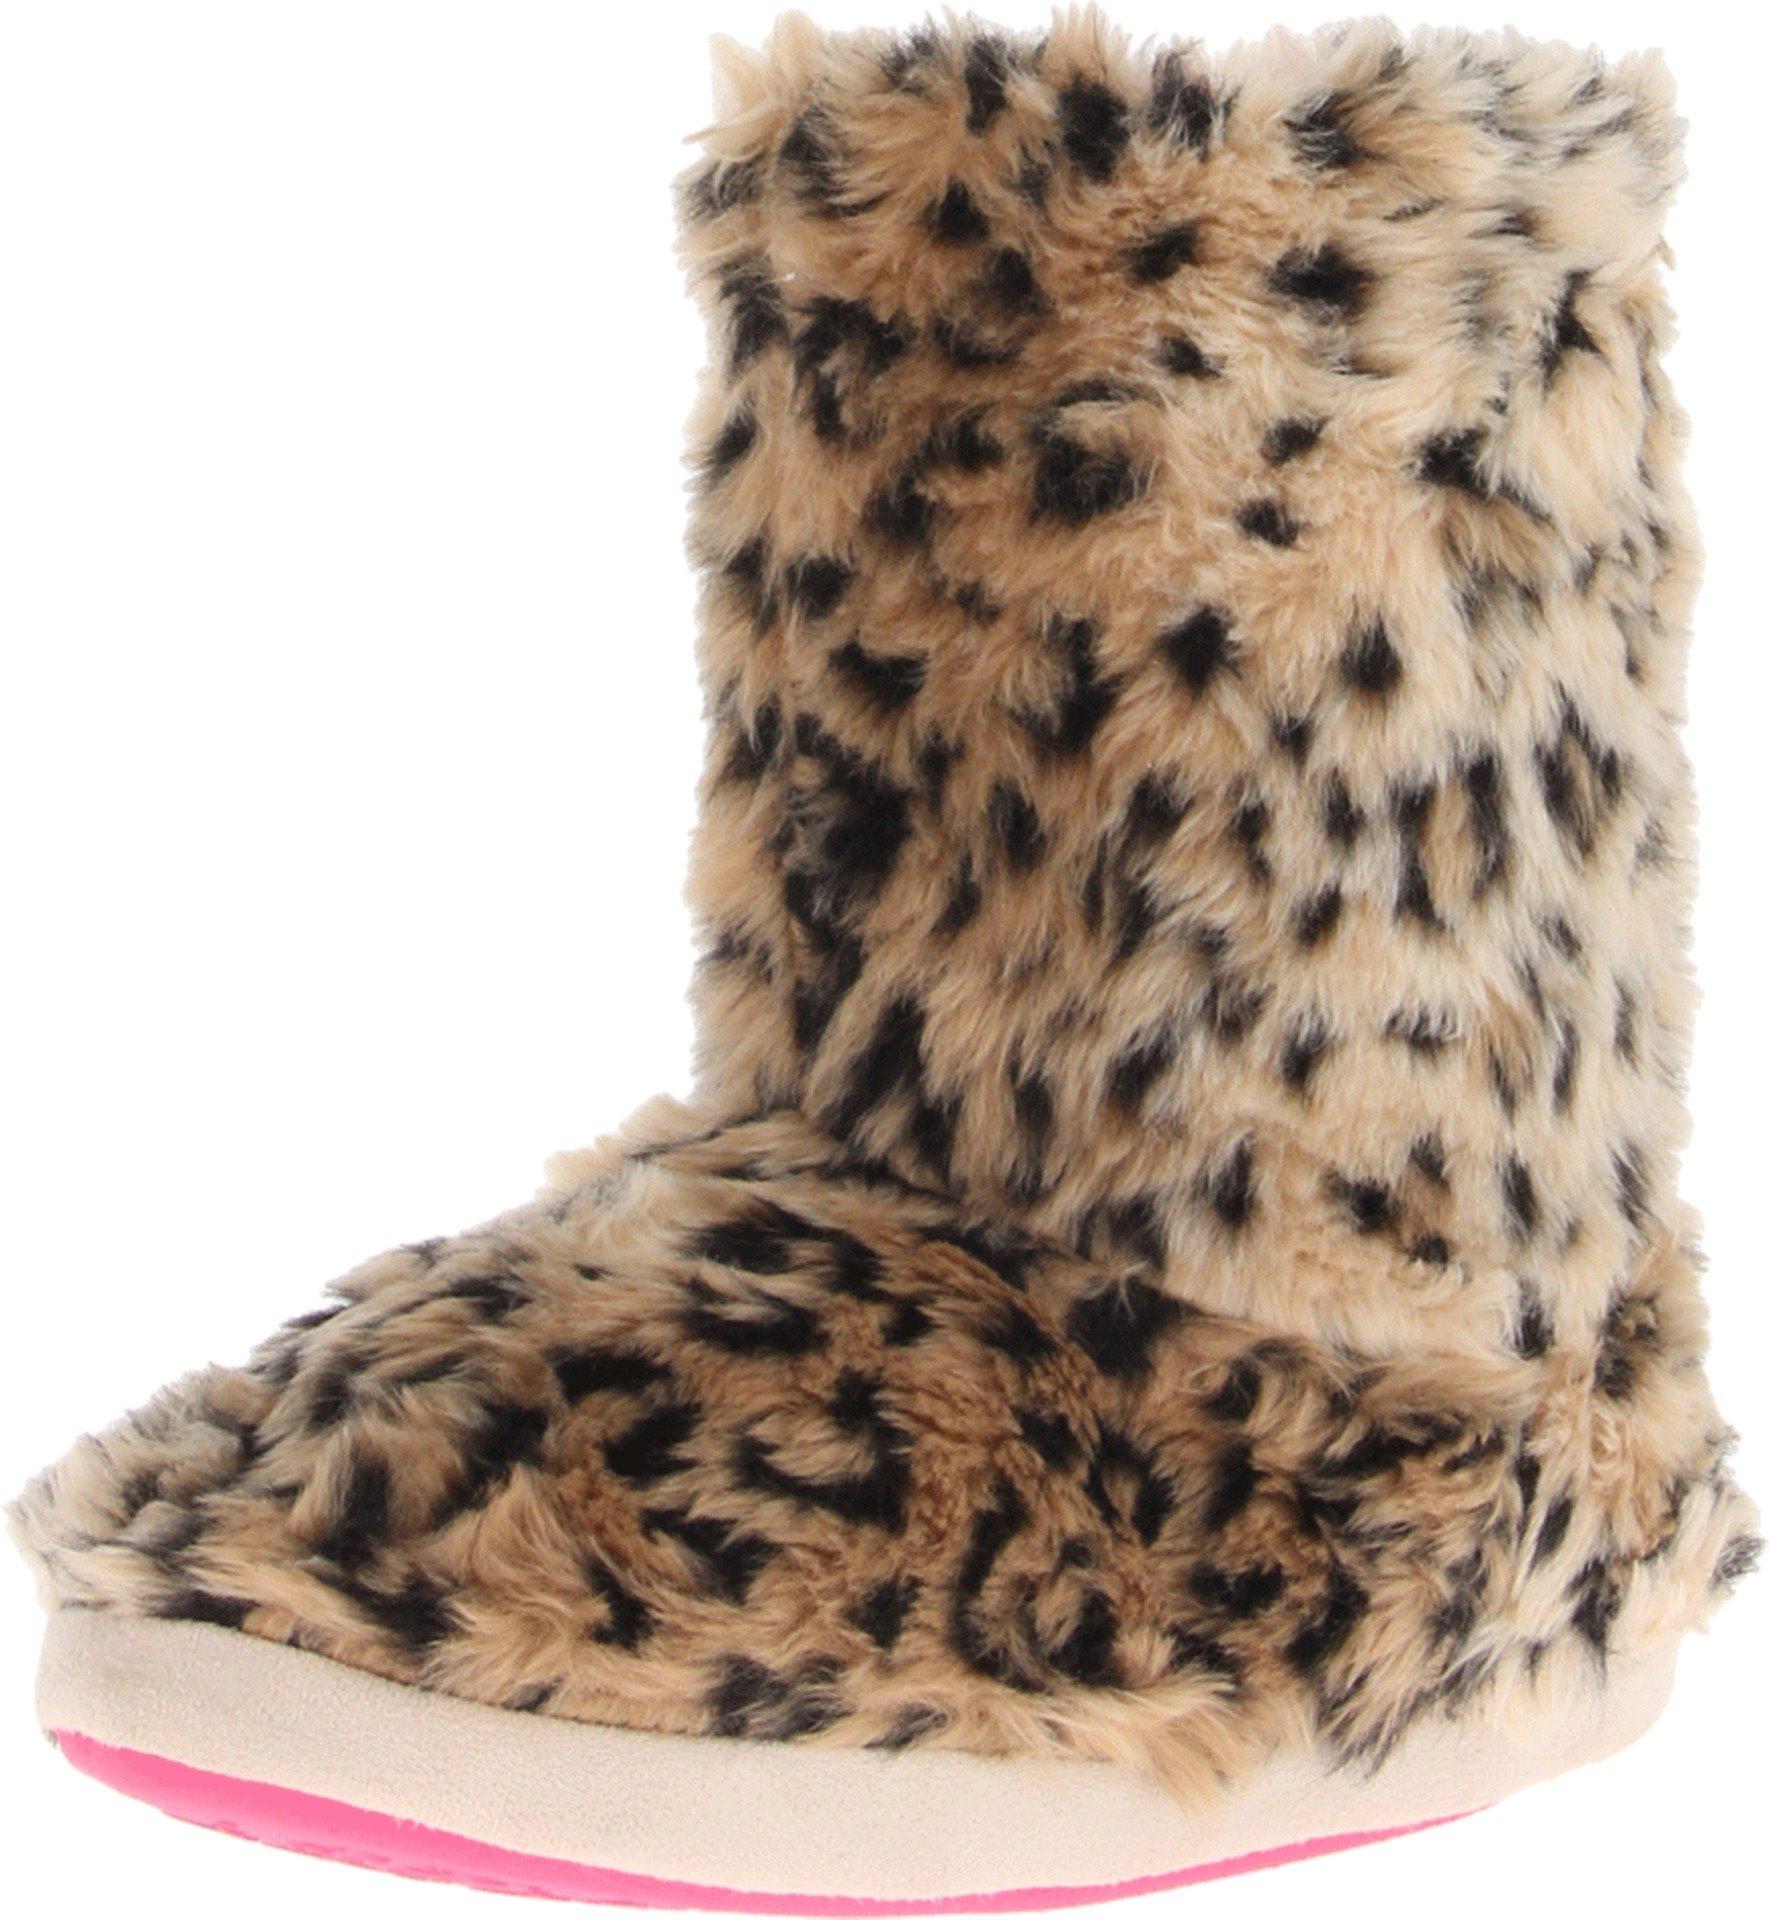 M&F Western Women's Furry Boot Slippers Brown Leopard Slipper MD (Women's 7-8) M